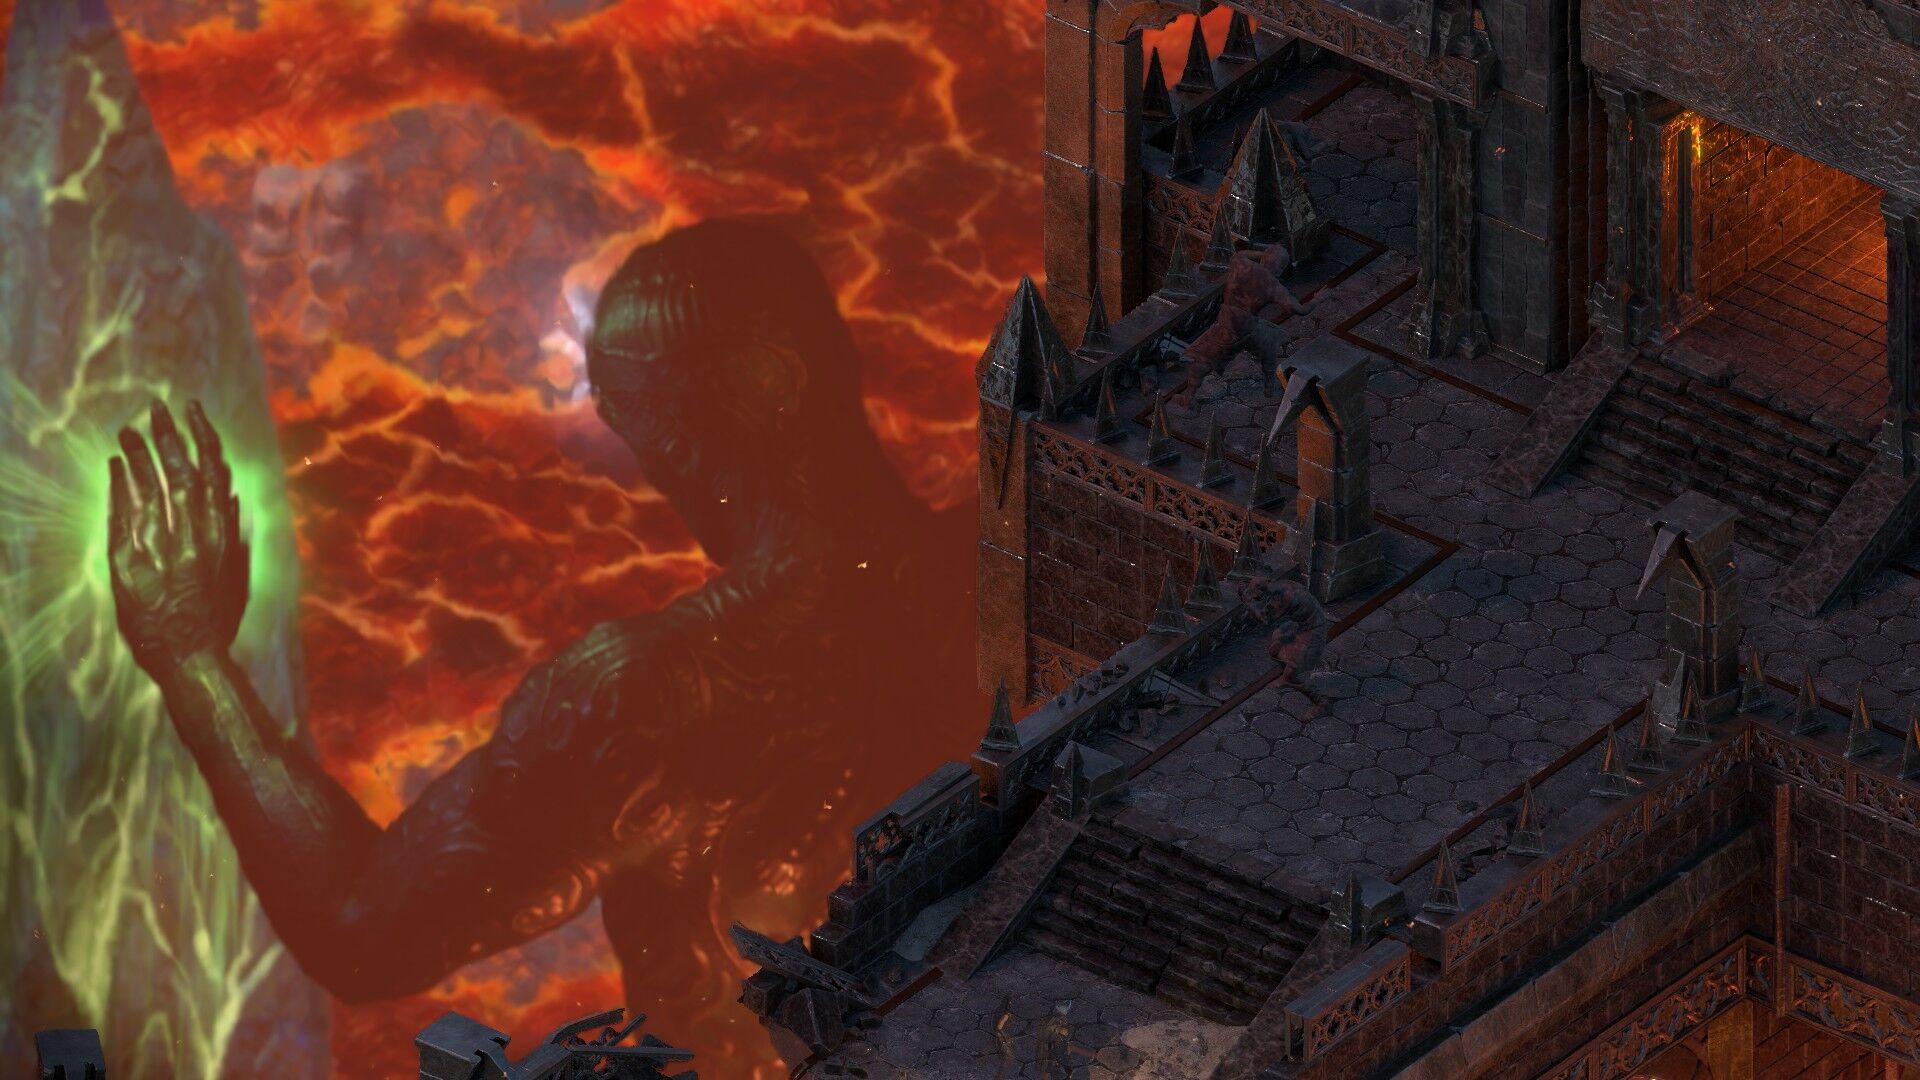 Pillars of Eternity II: Deadfire review - Splintered reef